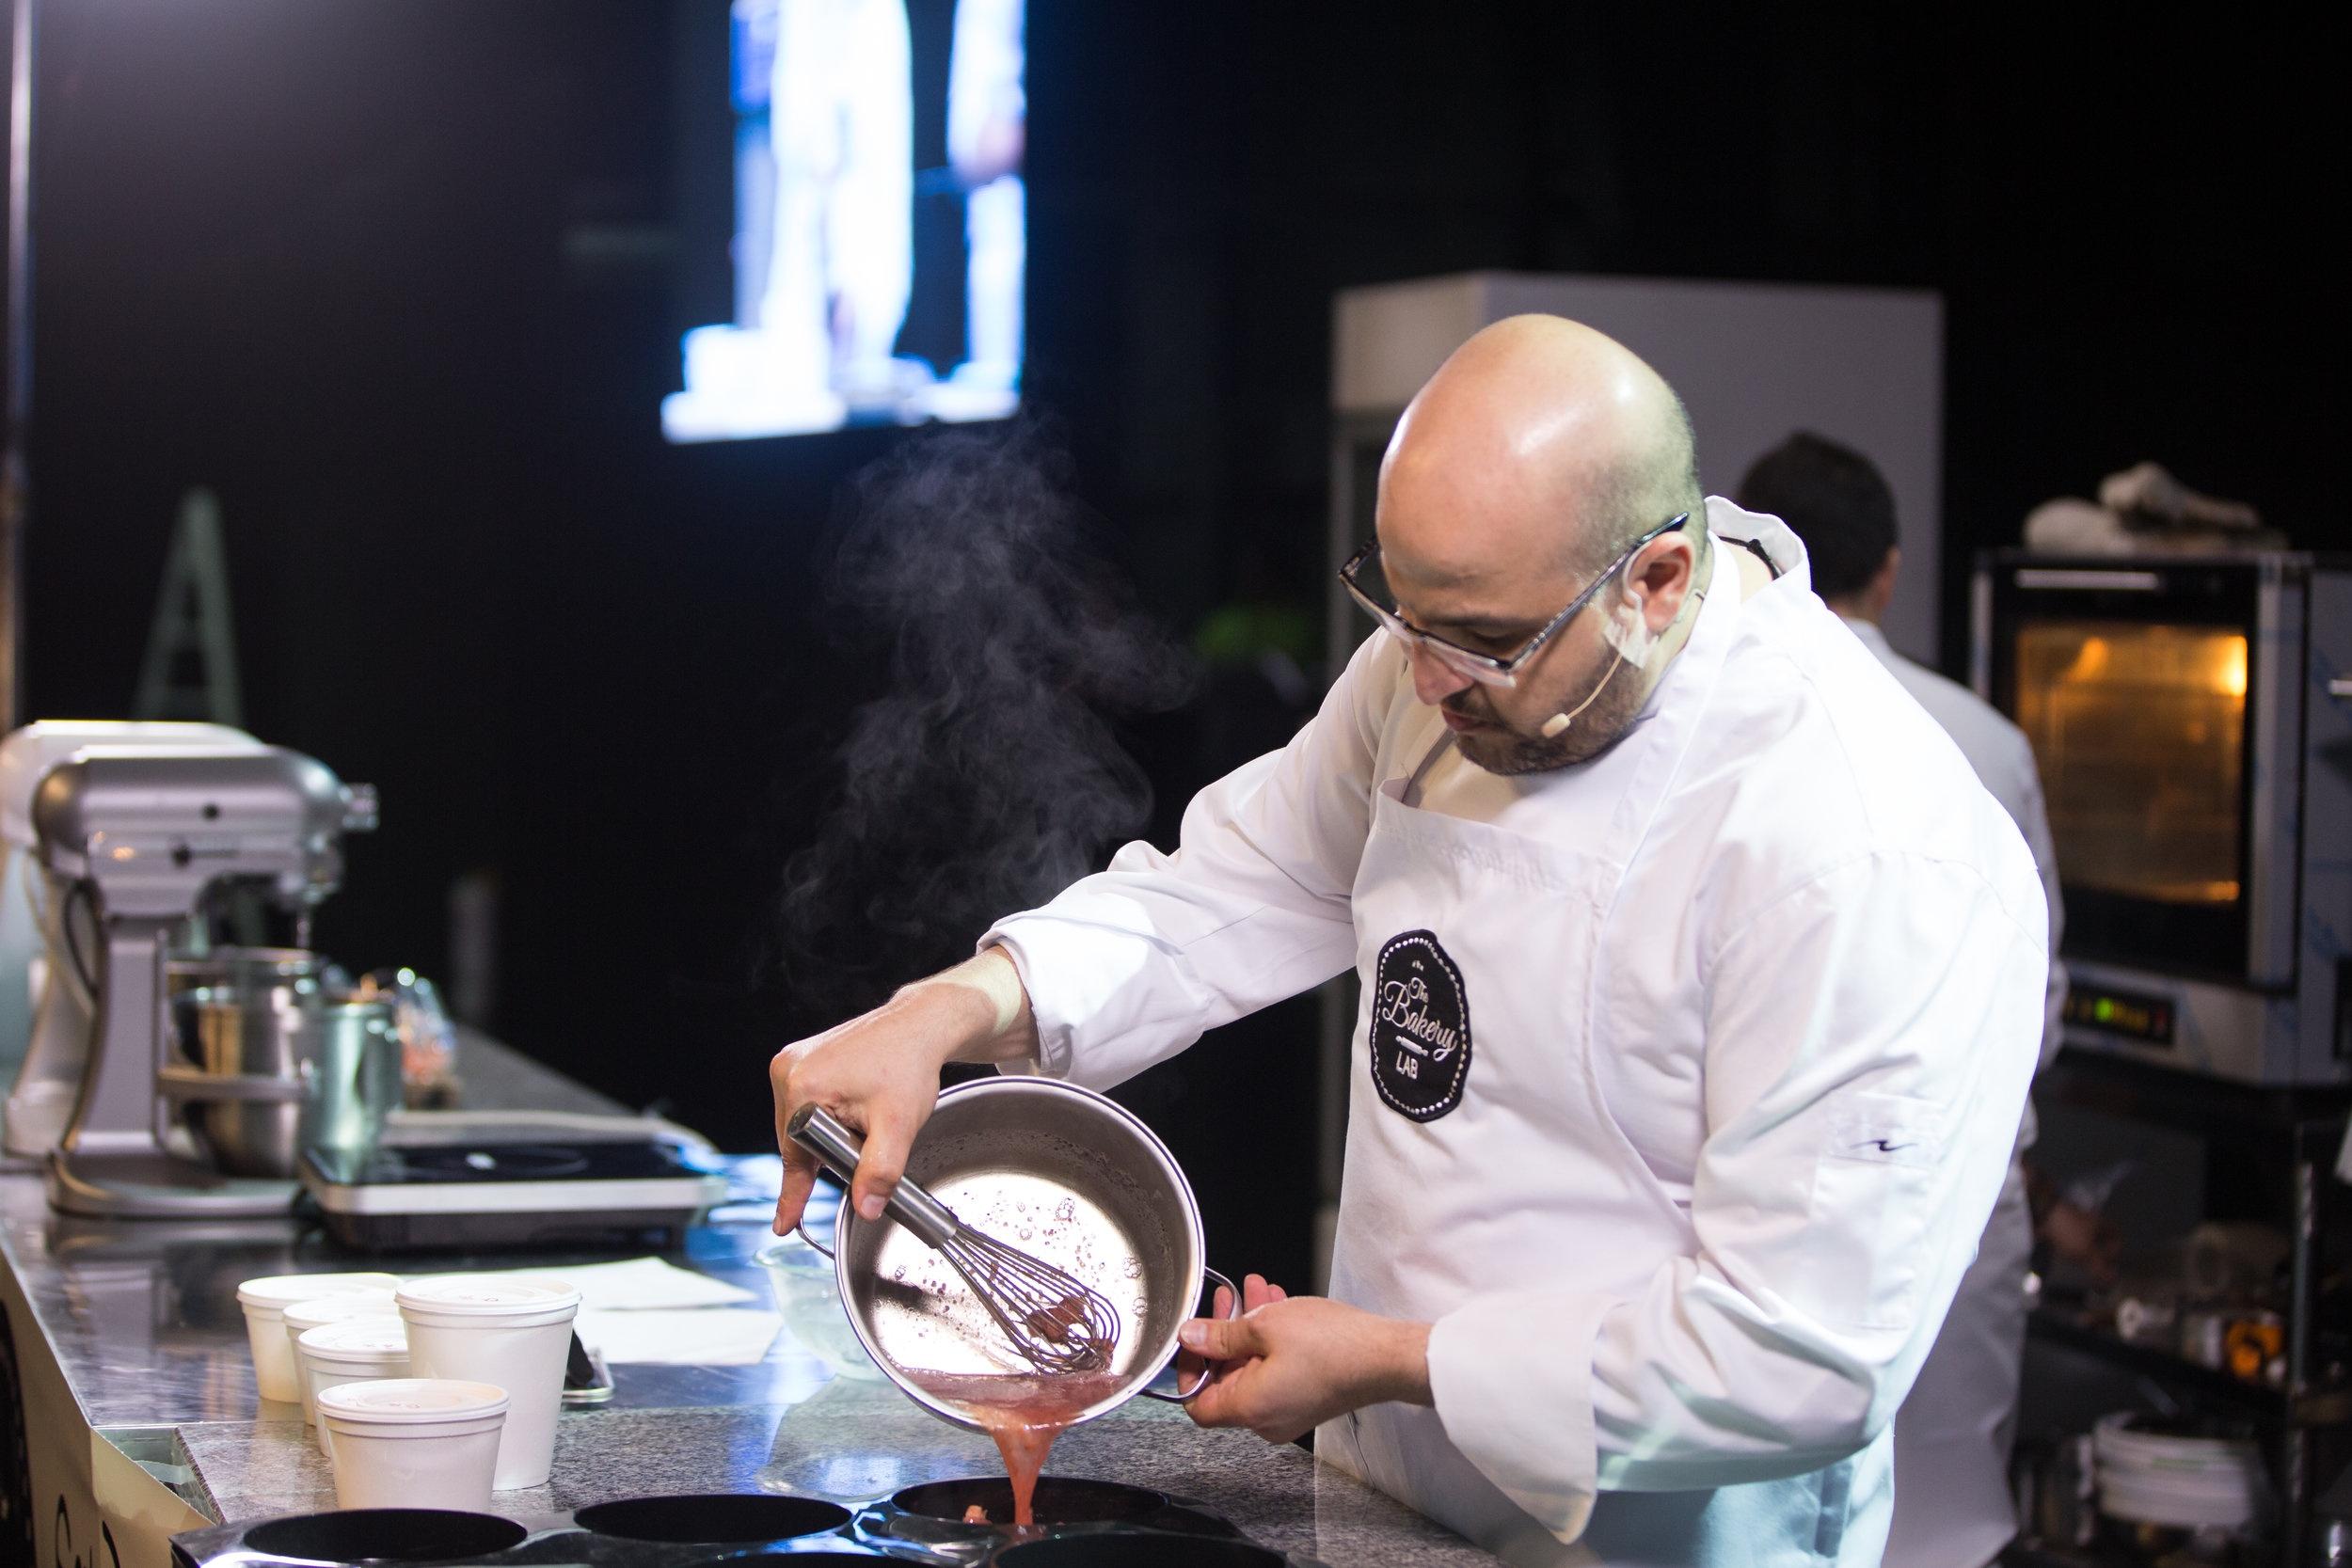 Antonio Bachour - Reconocido mundialmente como el mejor pastelero en los Best Chef Awards. La revista 'Dessert Professional' lo incluyó en su TOP 10 de los pasteleros mas reconocidos en los Estados Unidos. Los postres de Bachour se han presentado en numerosas publicaciones de pastelería.